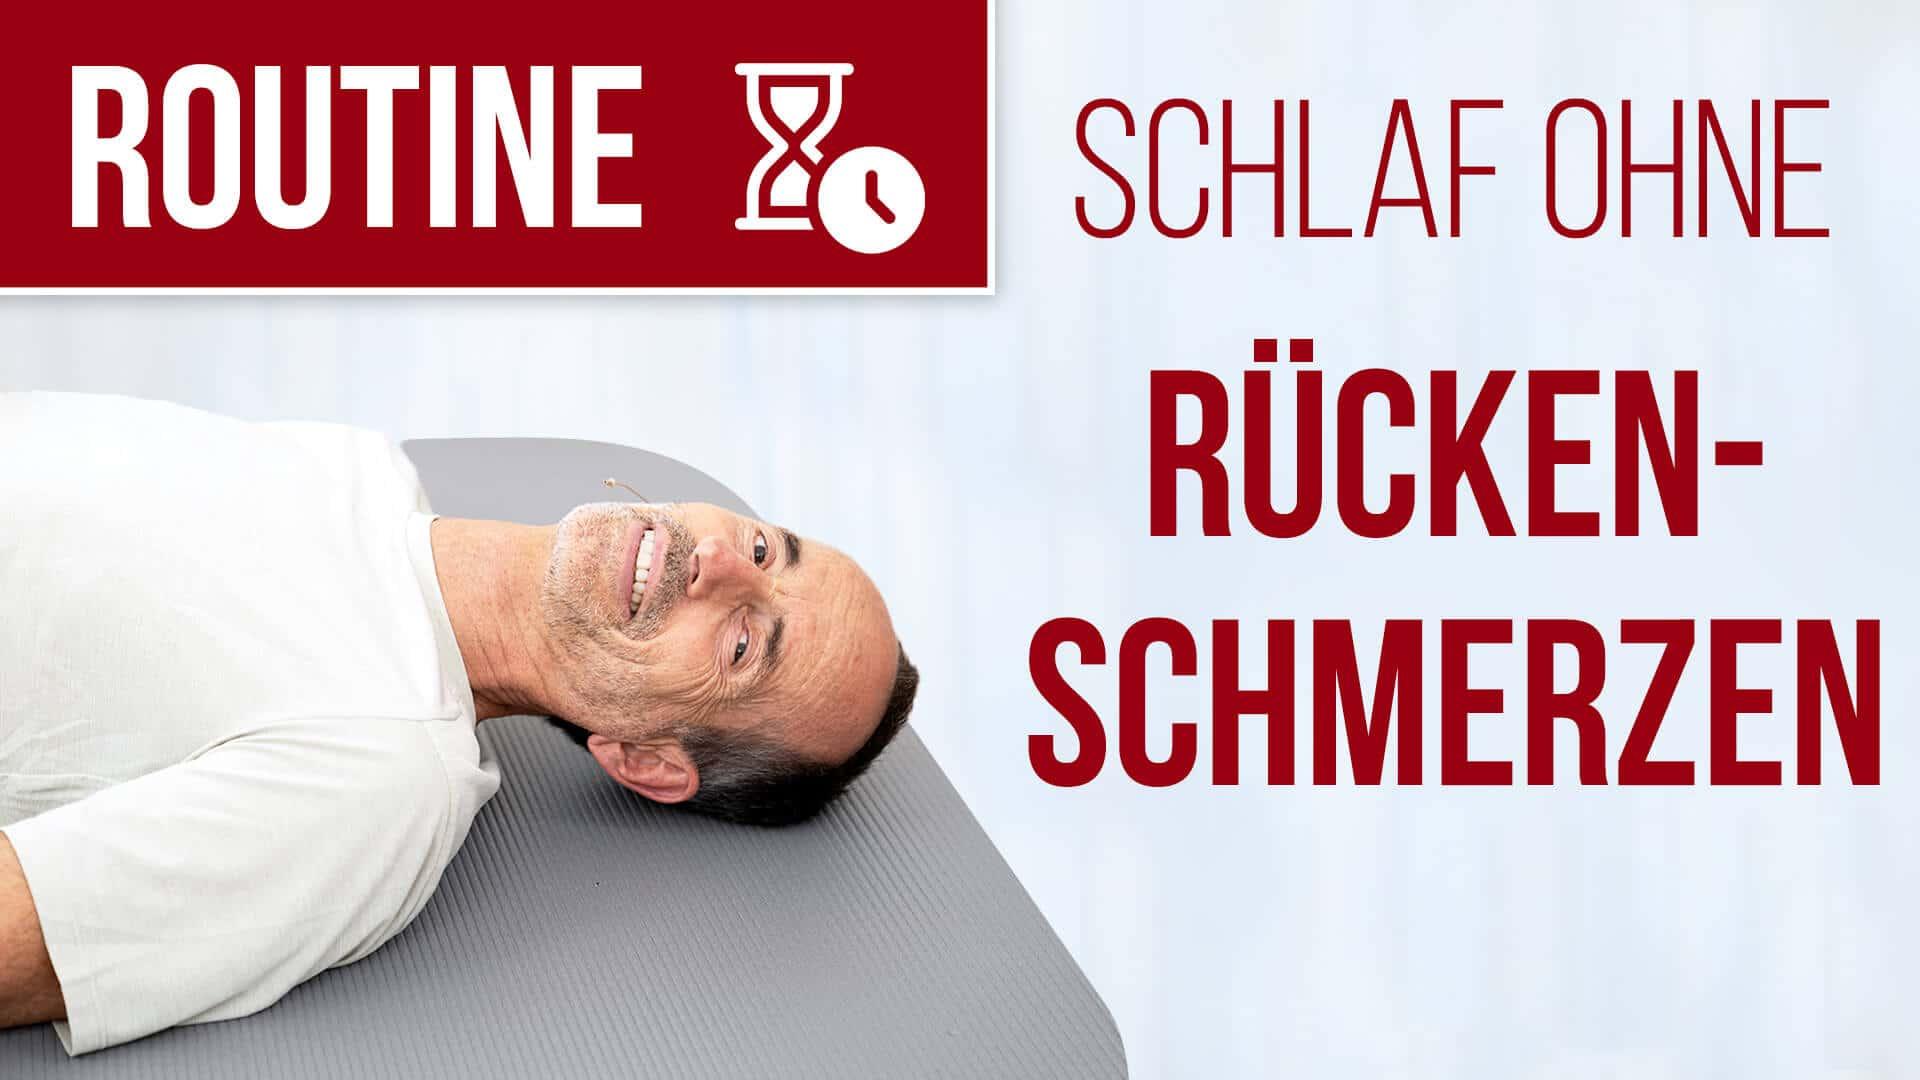 190821 Routine Schlaf ohne Rückenschmerzen - Morgenroutine für einen schmerzfreien Start in den Tag